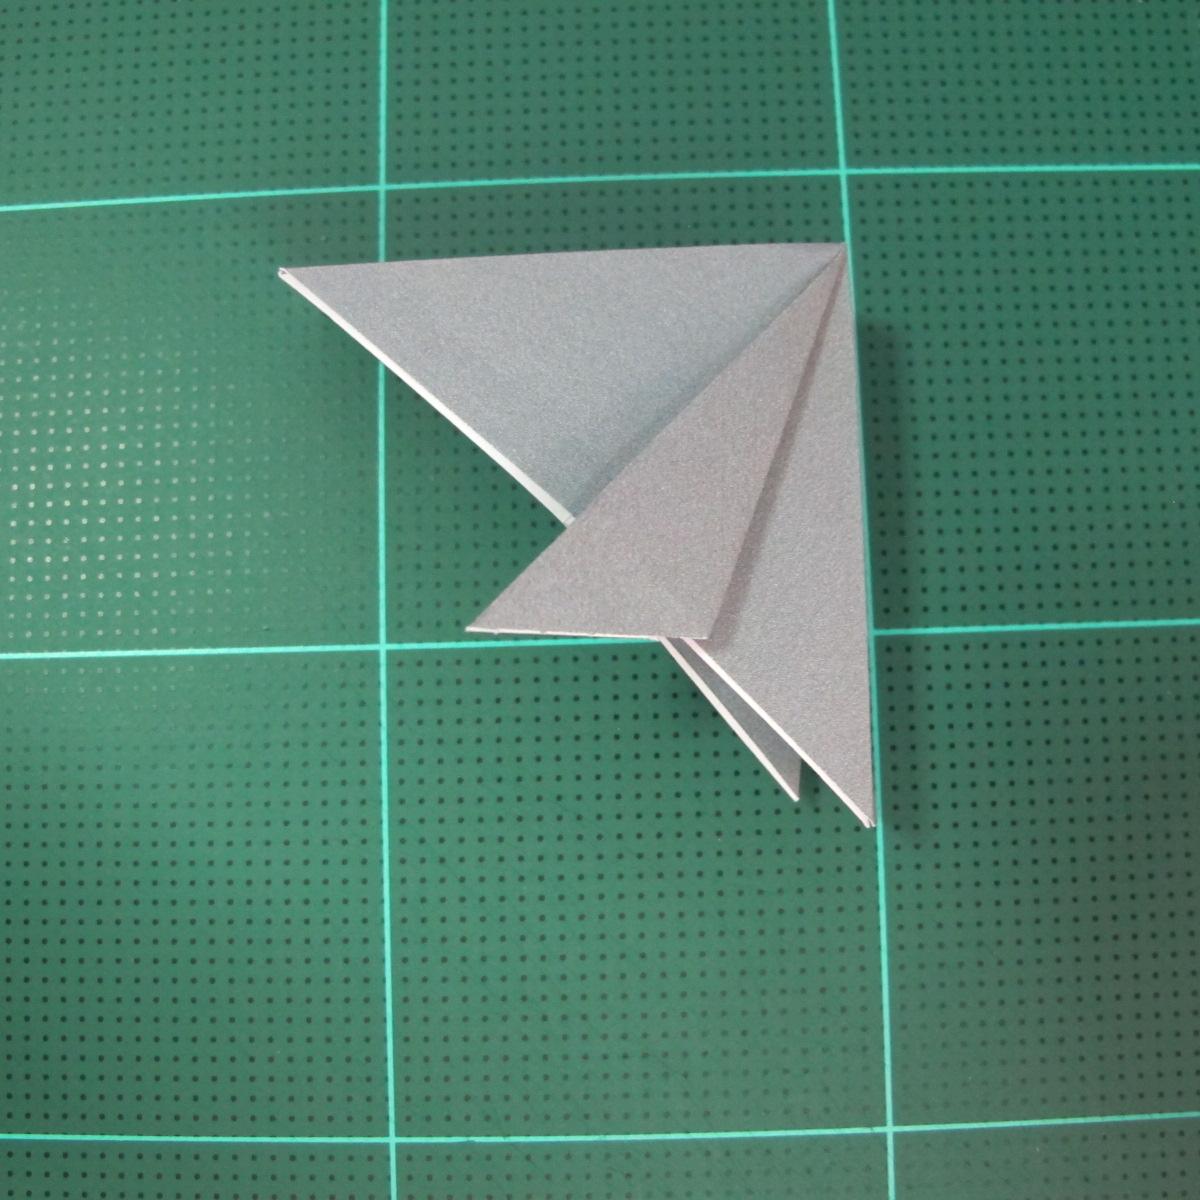 วิธีพับกล่องของขวัญแบบโมดูล่า (Modular Origami Decorative Box) โดย Tomoko Fuse 025